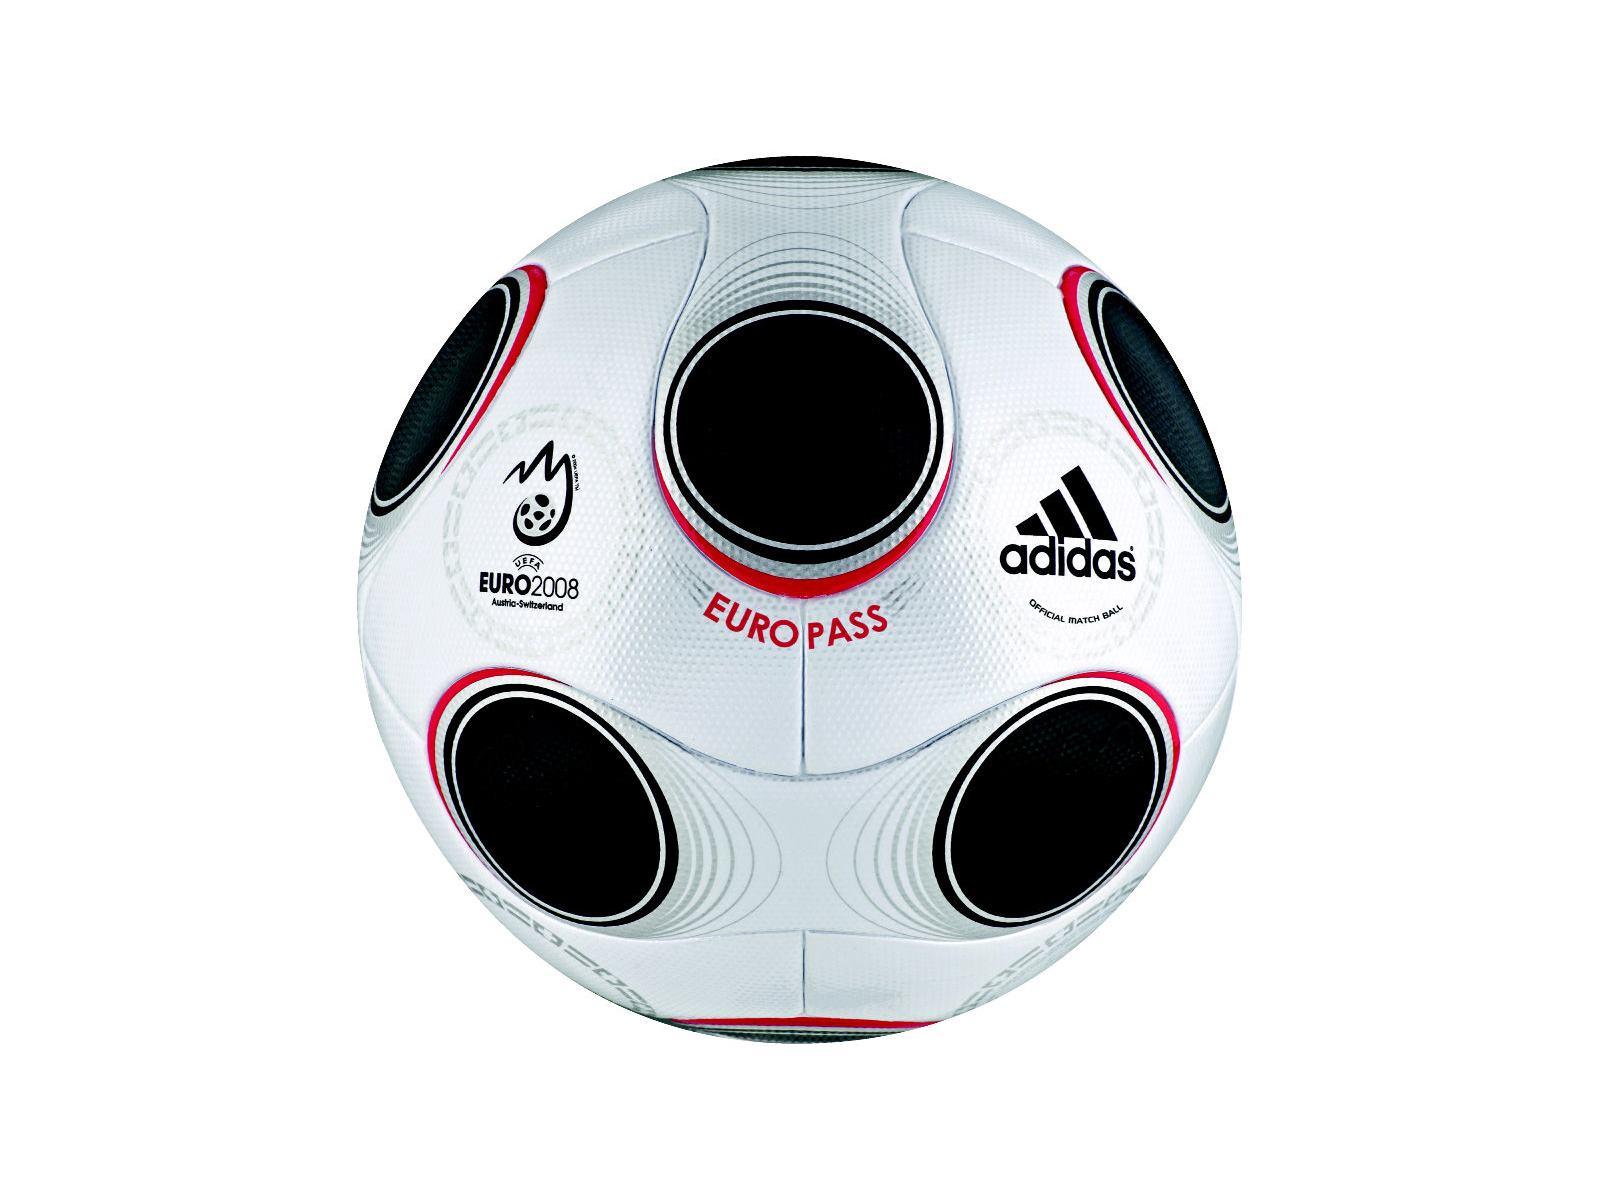 ntv plyus besplatno futbol